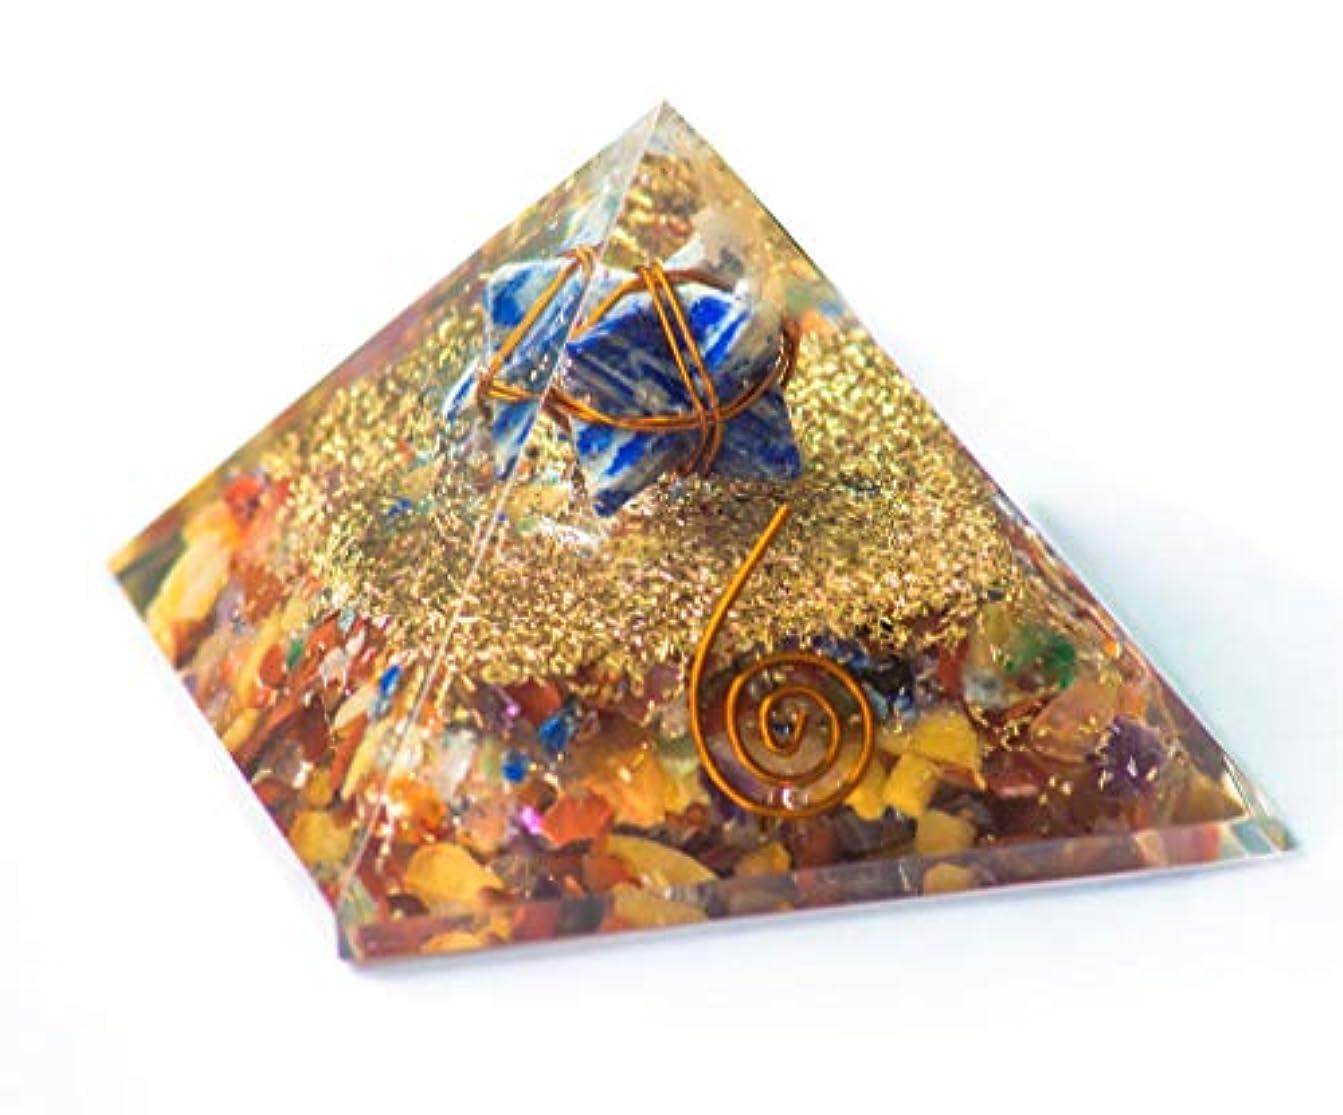 暫定トンネルペグcrocon Mix Chakra Gemstone Orgone Pyramid with Lapiz Lazuli Merkabaエネルギージェネレータのオーラクレンジング、レイキHealing、チャクラバランシング...